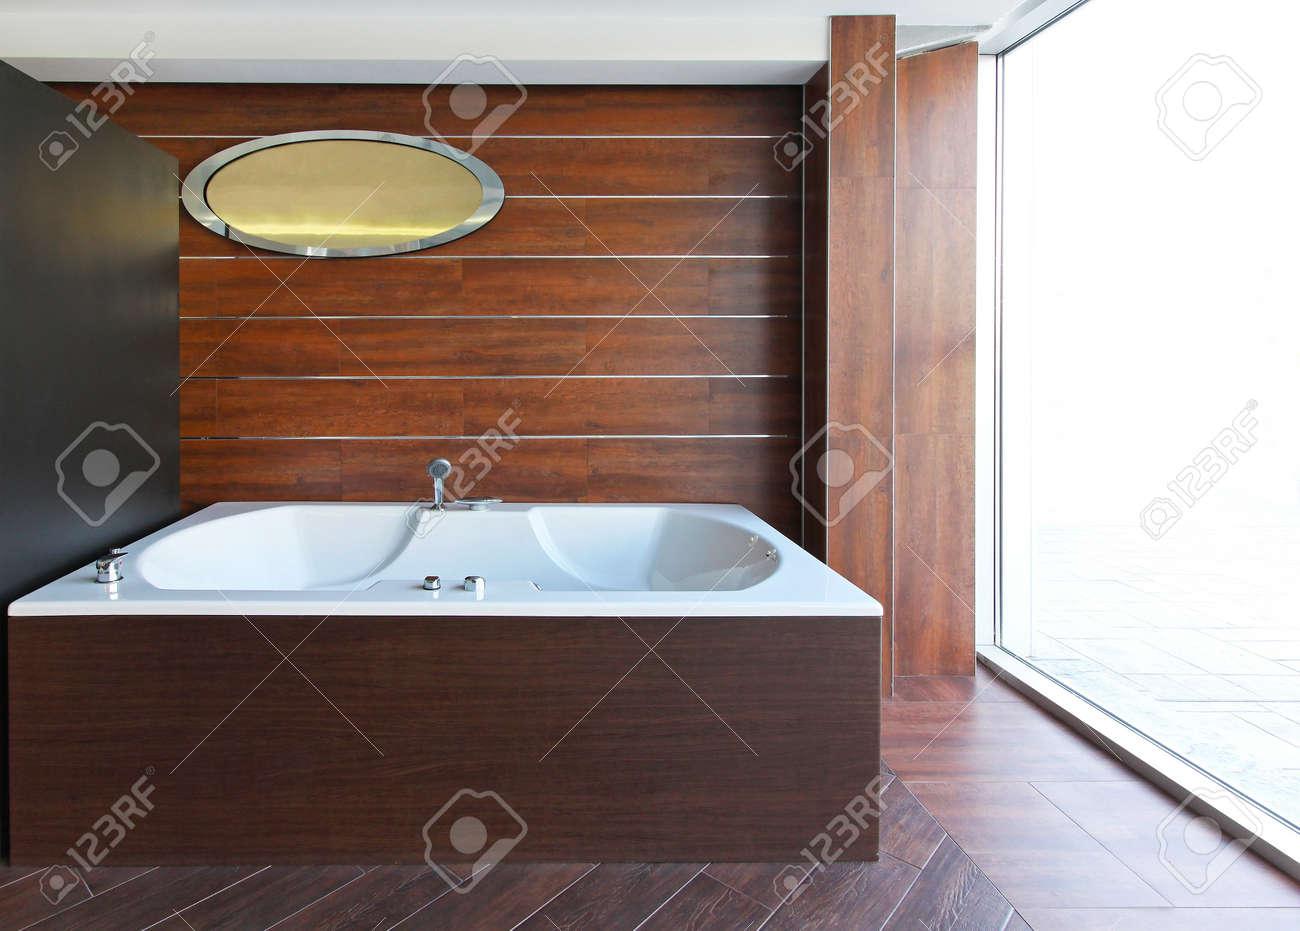 Big hydro massage bathtub in wooden bathroom Stock Photo - 16732510